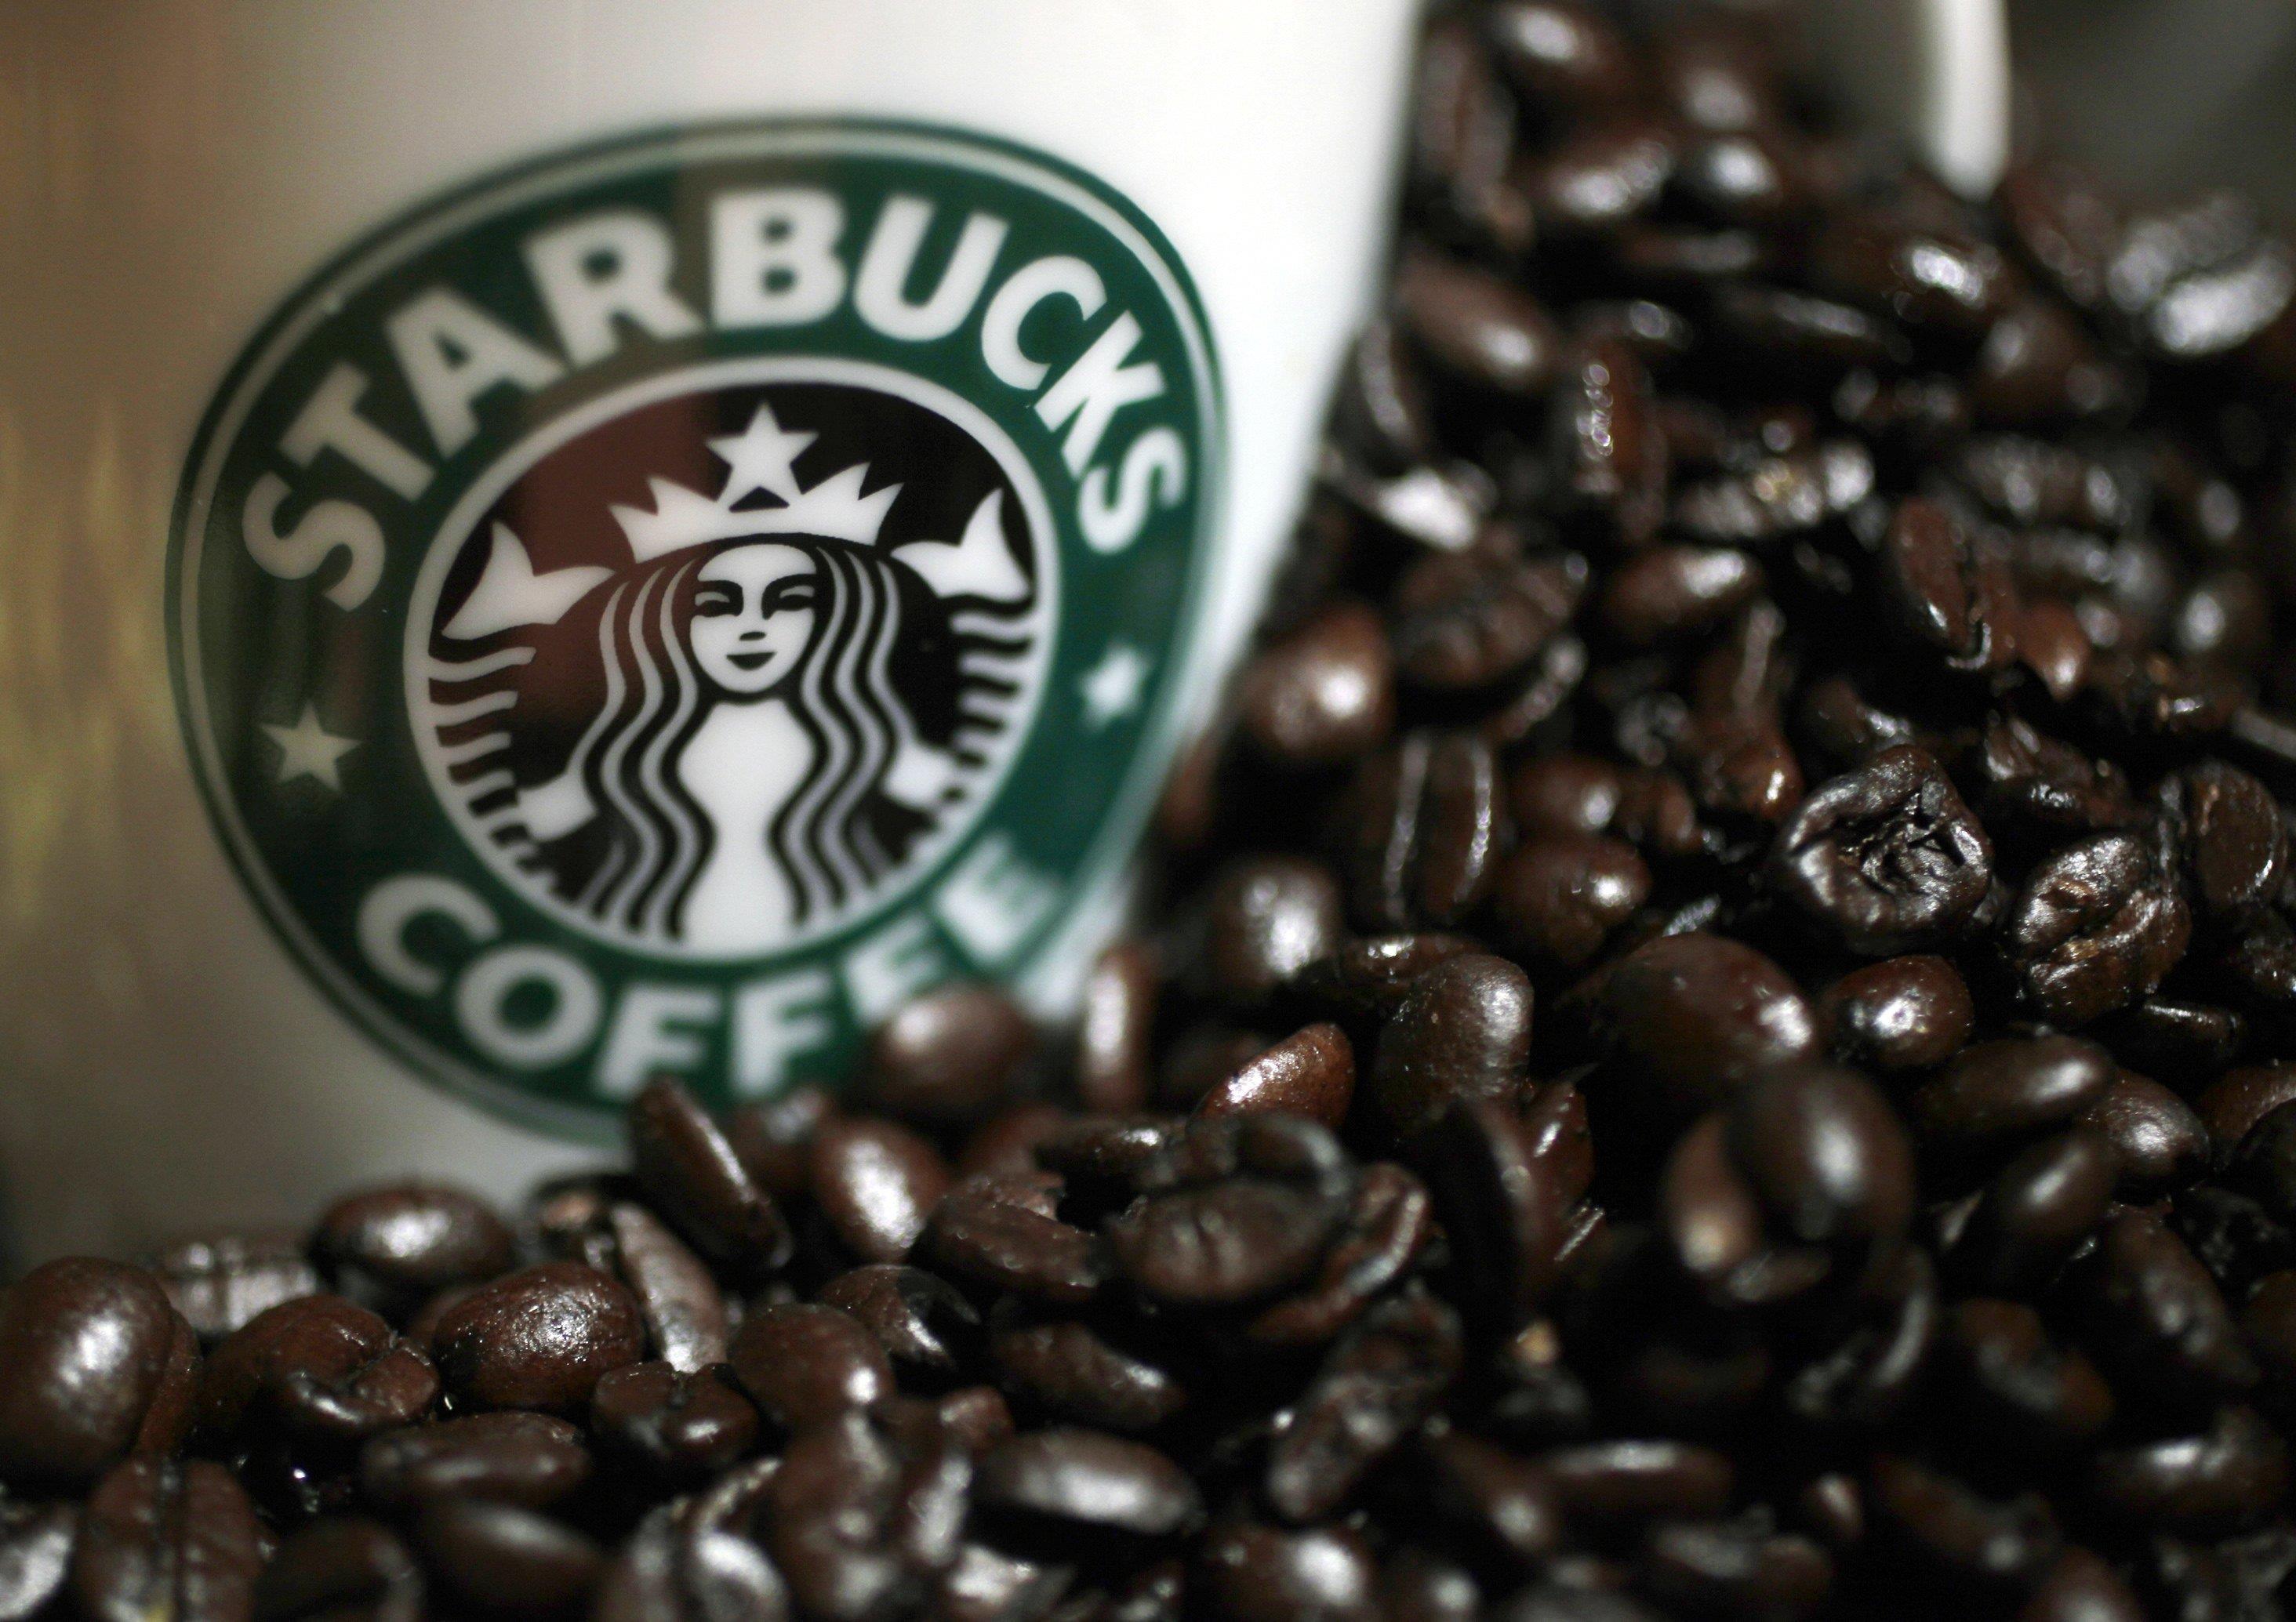 Starbucks сообщила о рекордных показателях прибыли и выручки за всю историю компании